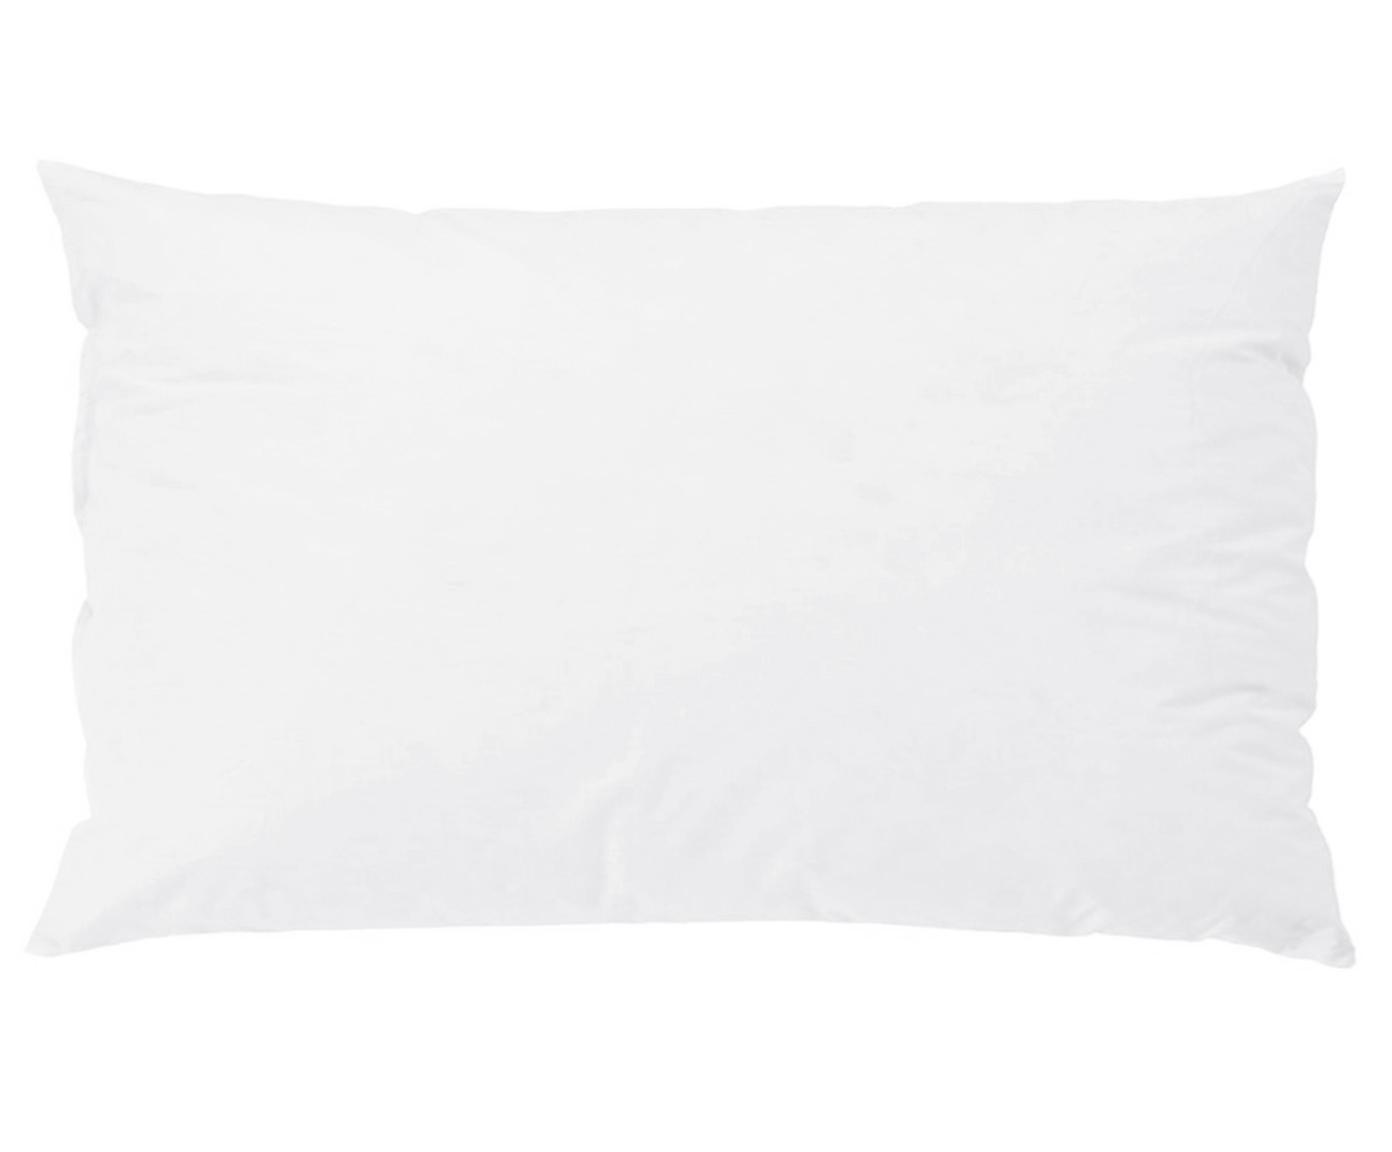 Imbottitura per cuscini Premium, 30 x 50, Bianco, Larg. 30 x Lung. 50 cm